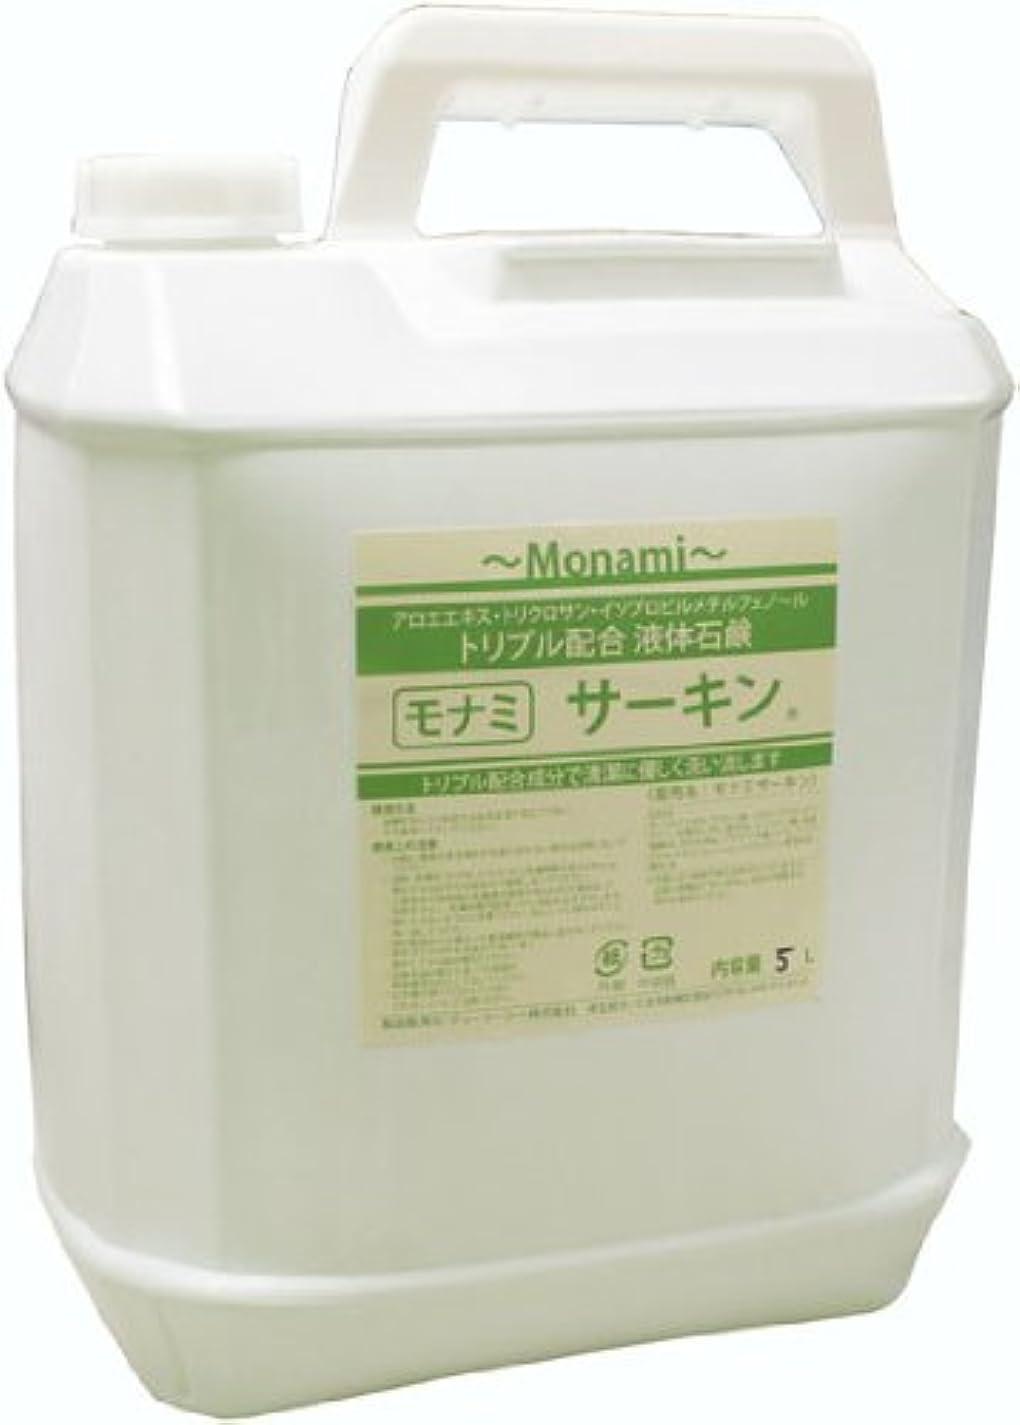 情報濃度離れて保湿剤配合業務用液体ソープ「モナミ サーキン5L」アロエエキス、トリクロサン、イソプロピルメチルフェノール配合